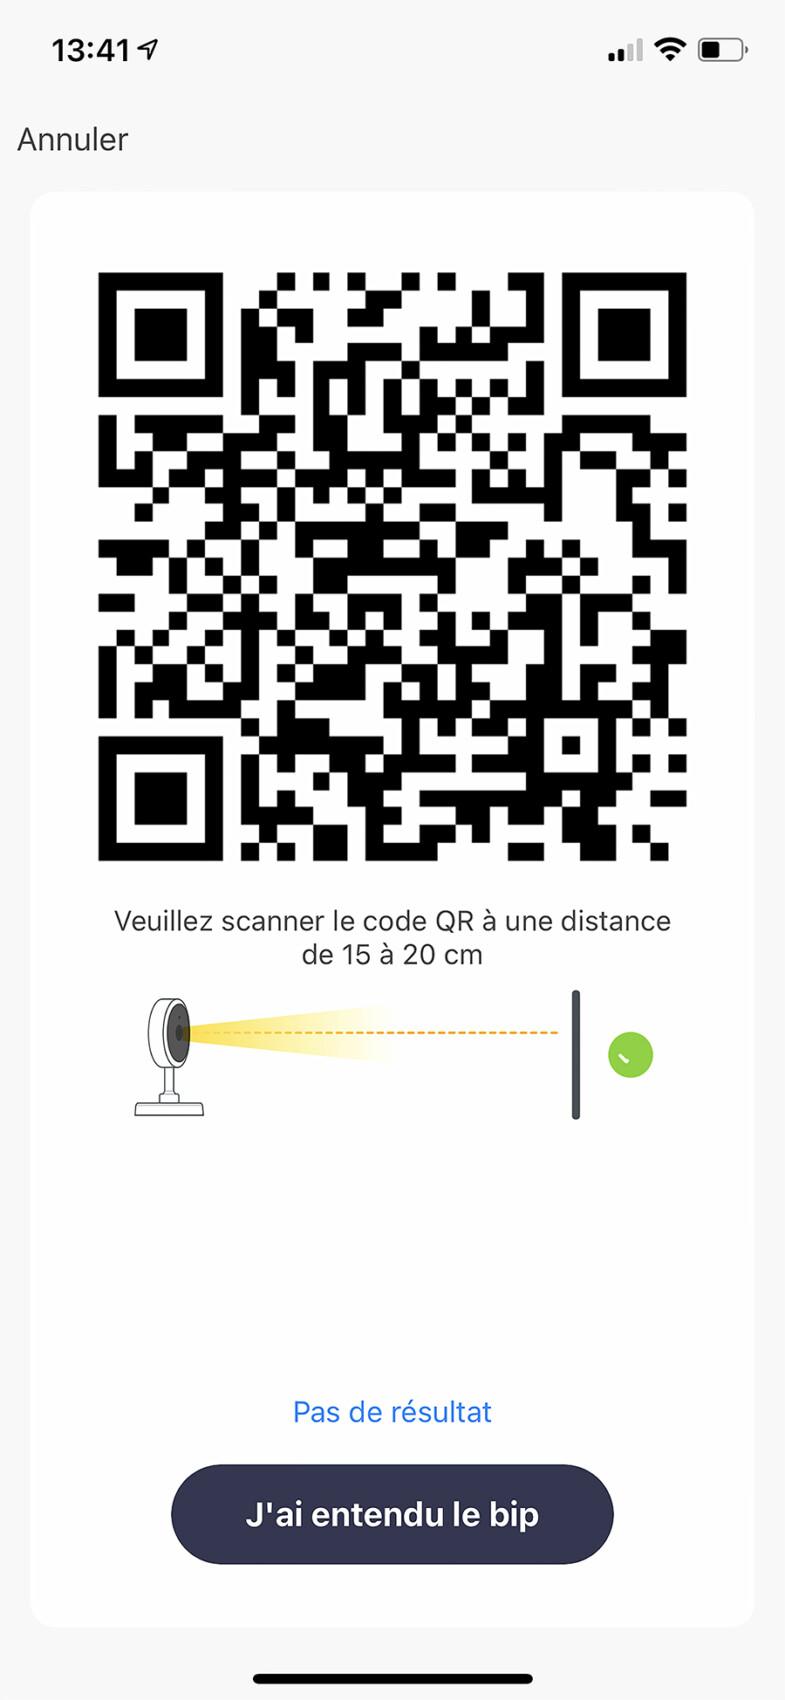 Ce QR Code valide la connexion et l'installation de la caméra sur votre réseau